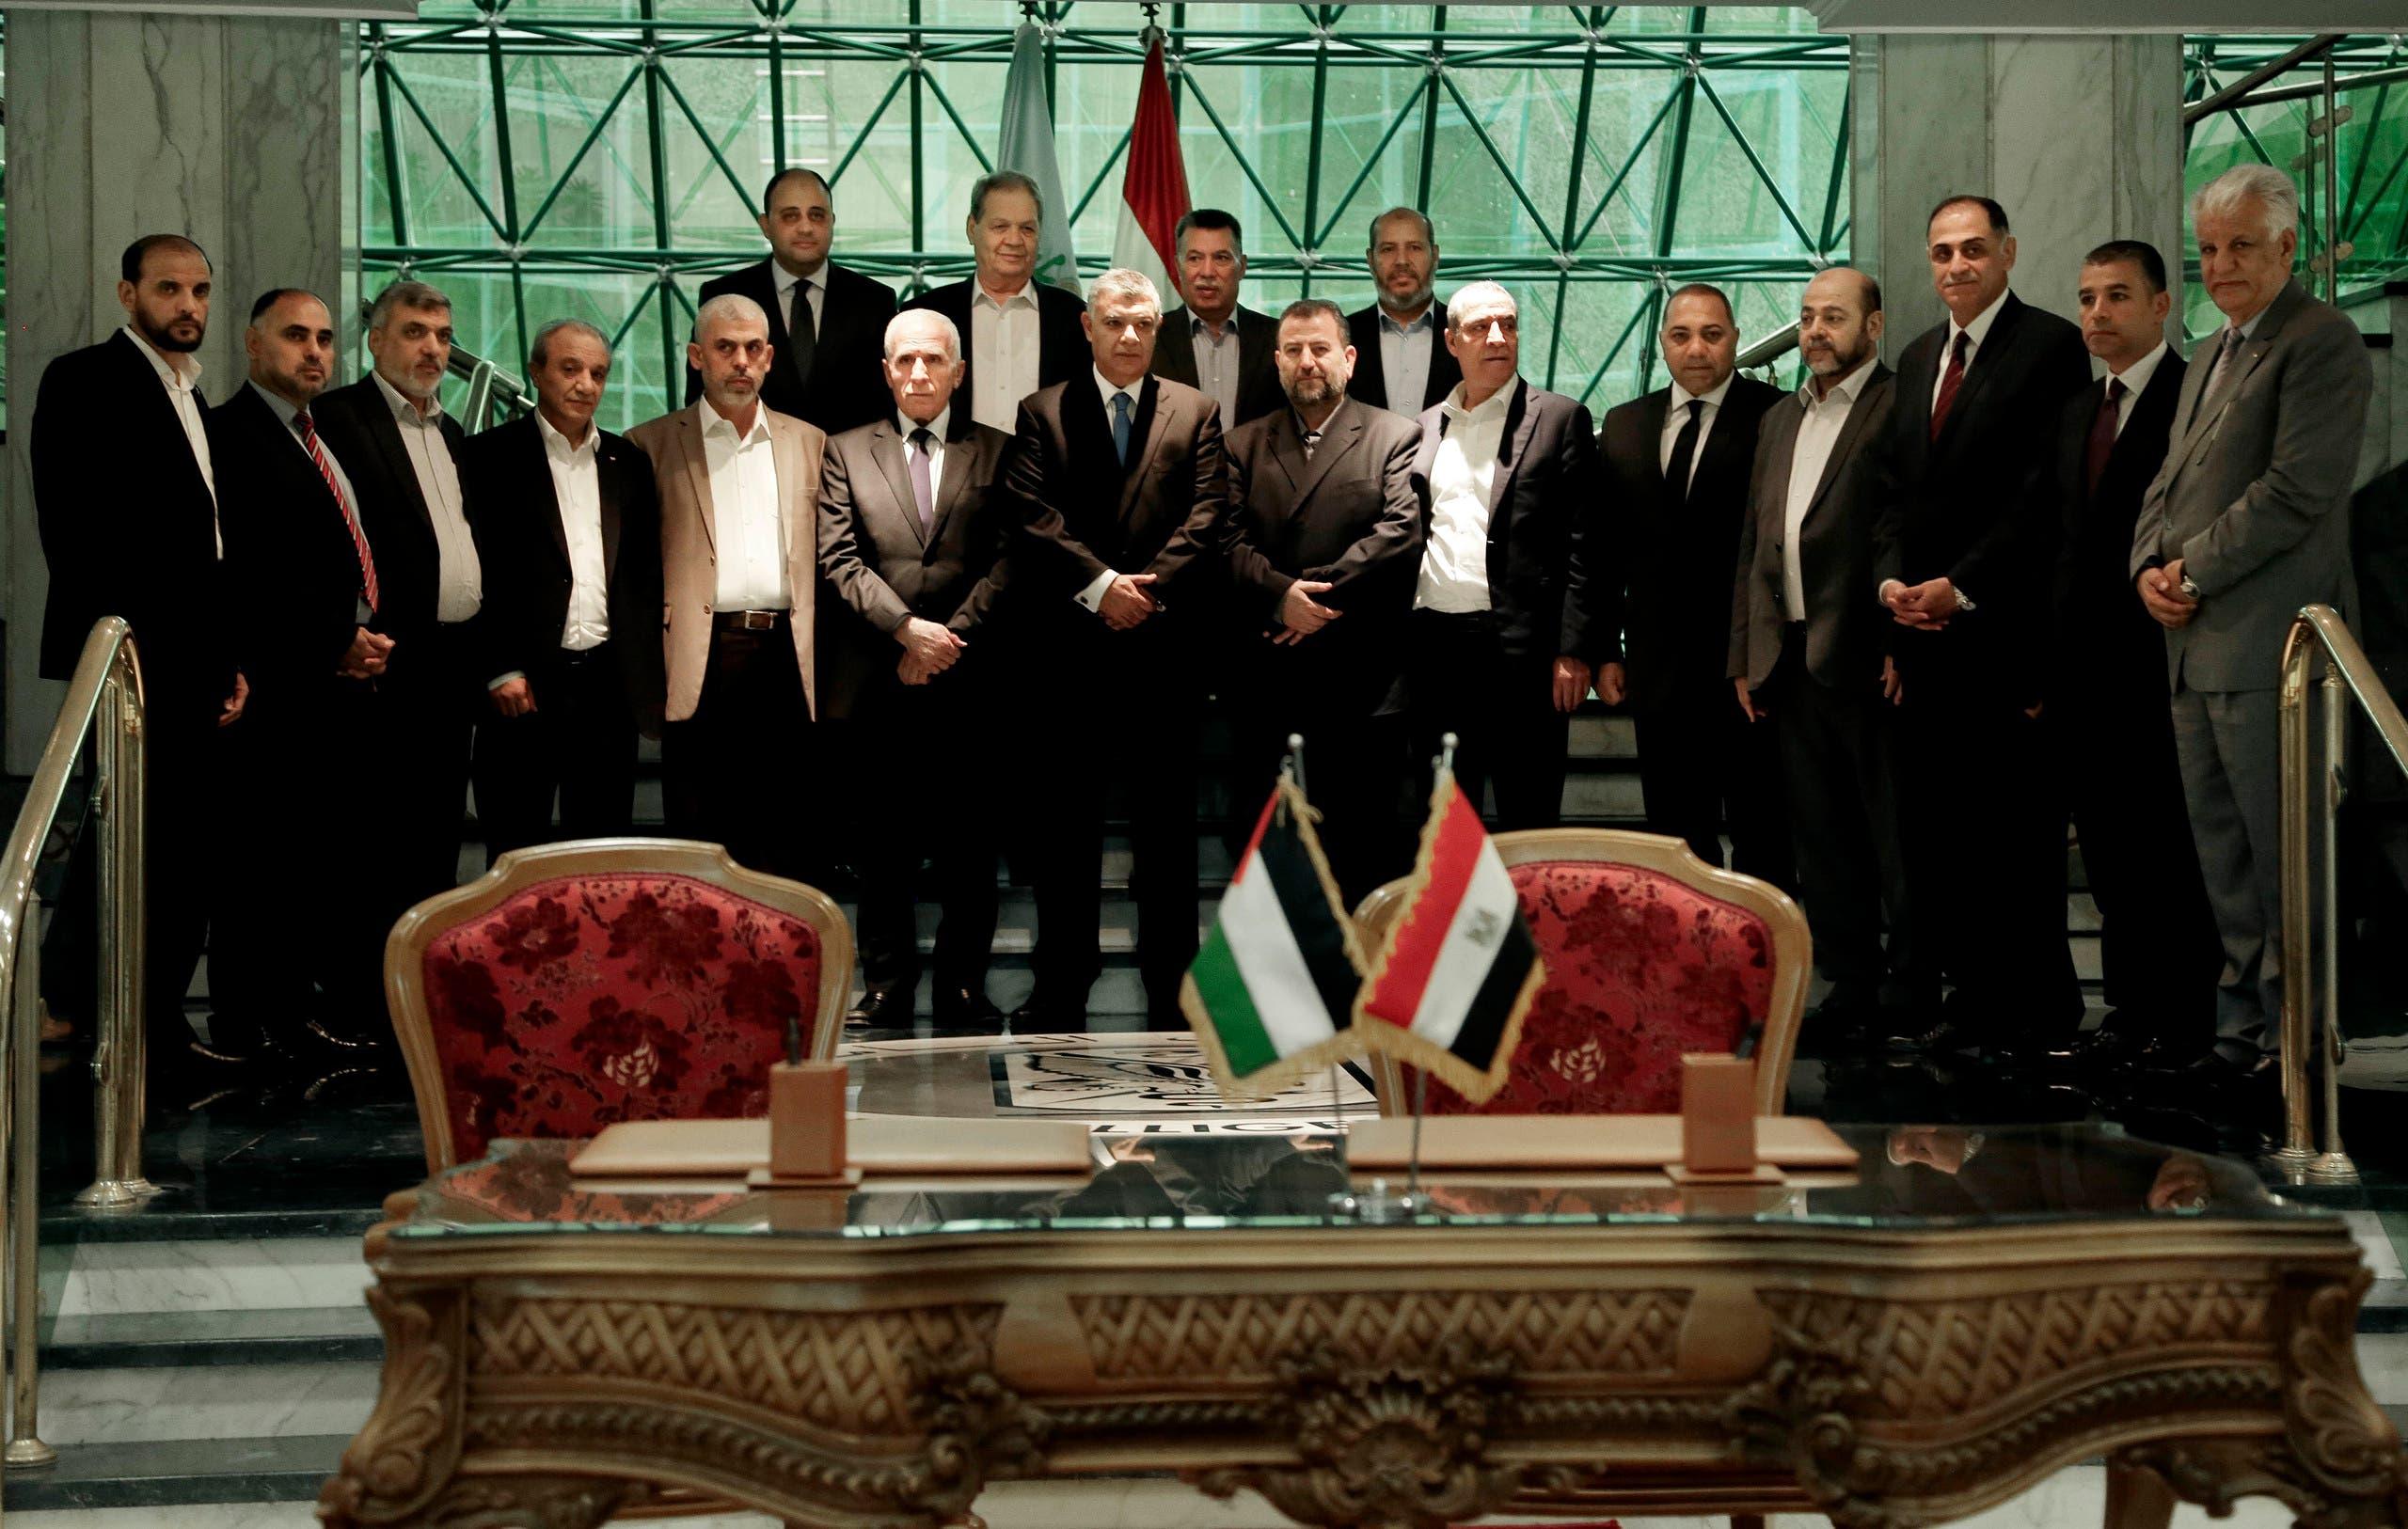 عقب توقيع اتفاق المصالحة الفلسطينية في القاهرة أكتوبر 2017